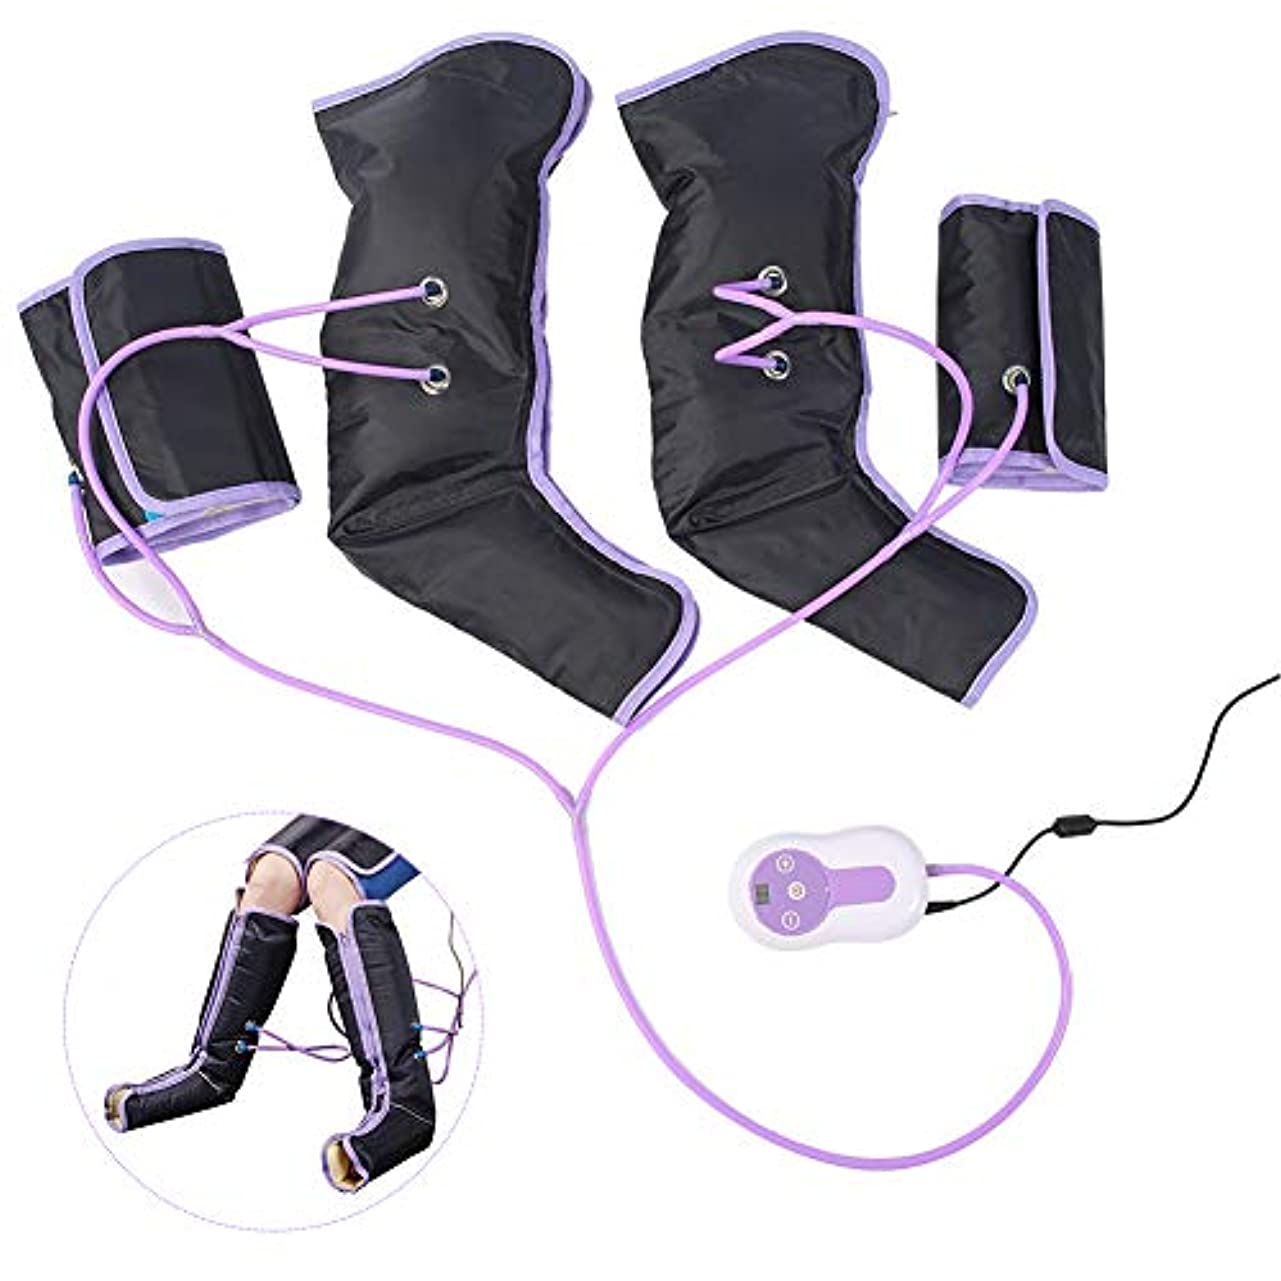 保証スクラップブック例足の空気圧縮マッサージャー、足とふくらはぎの痛みを軽減するためのハンドヘルドコントローラーとラップ、電気循環脚ラップ、循環を改善し、筋肉をリラックス(US-PLUG)